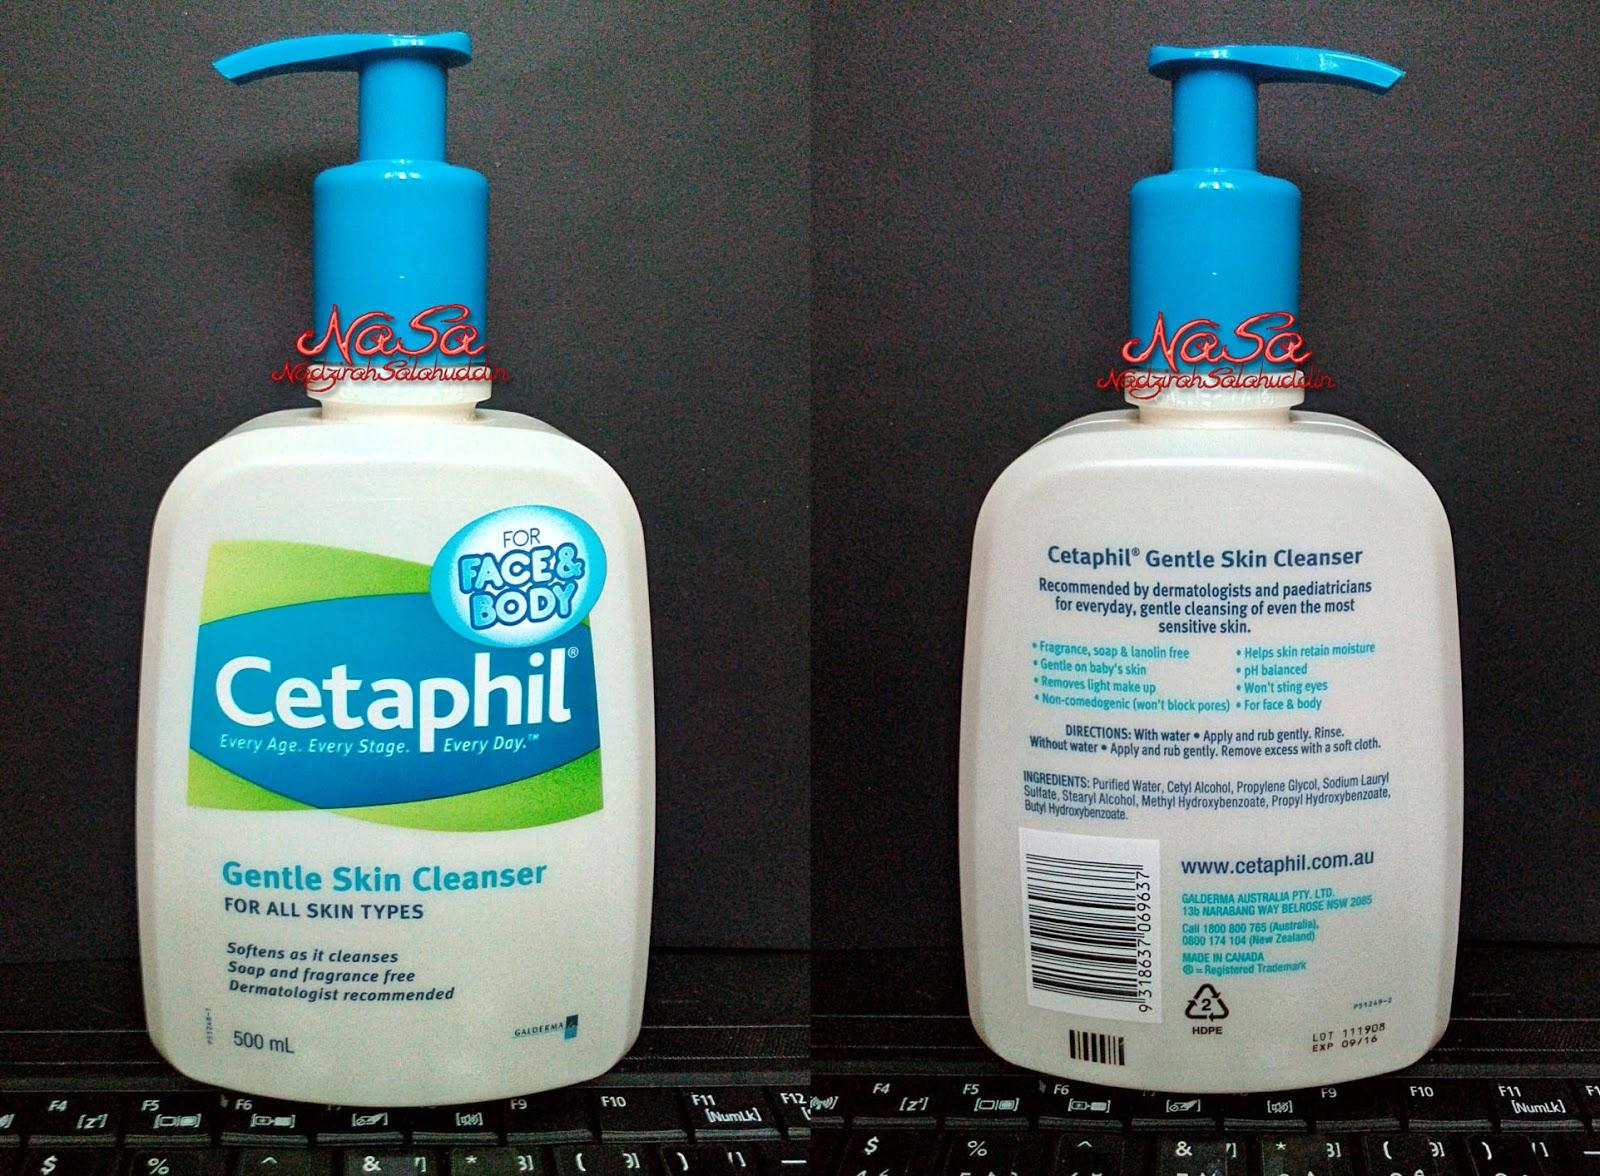 Review Cetaphil Gentle Skin Cleanser Nasa 500 Ml 500ml Apa Barang Botol Kecik Kita Beli Besar Terus